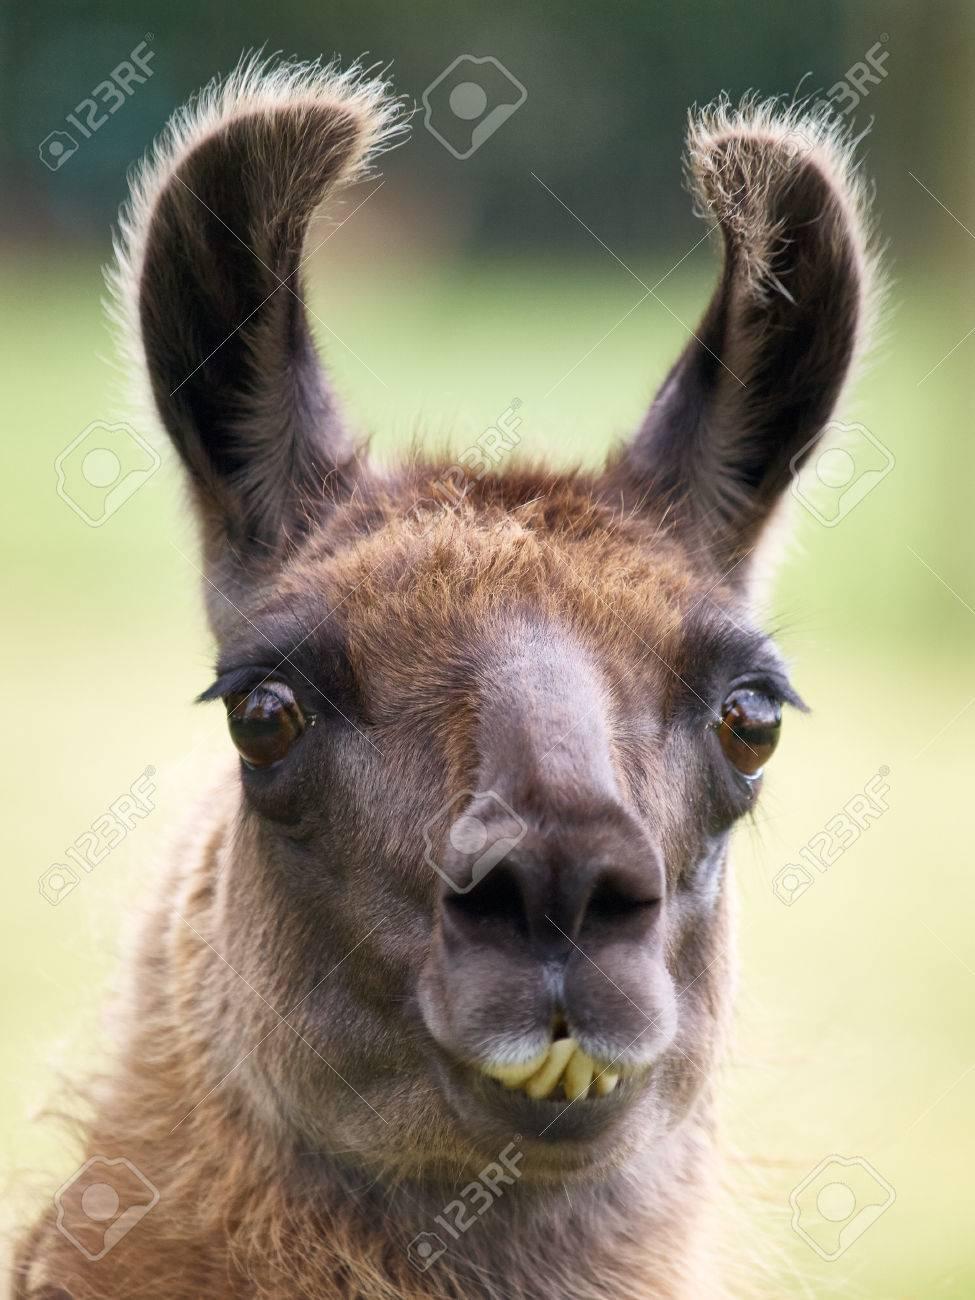 Funny Looking Llama : funny, looking, llama, Funny, Looking, Llama, Pictures